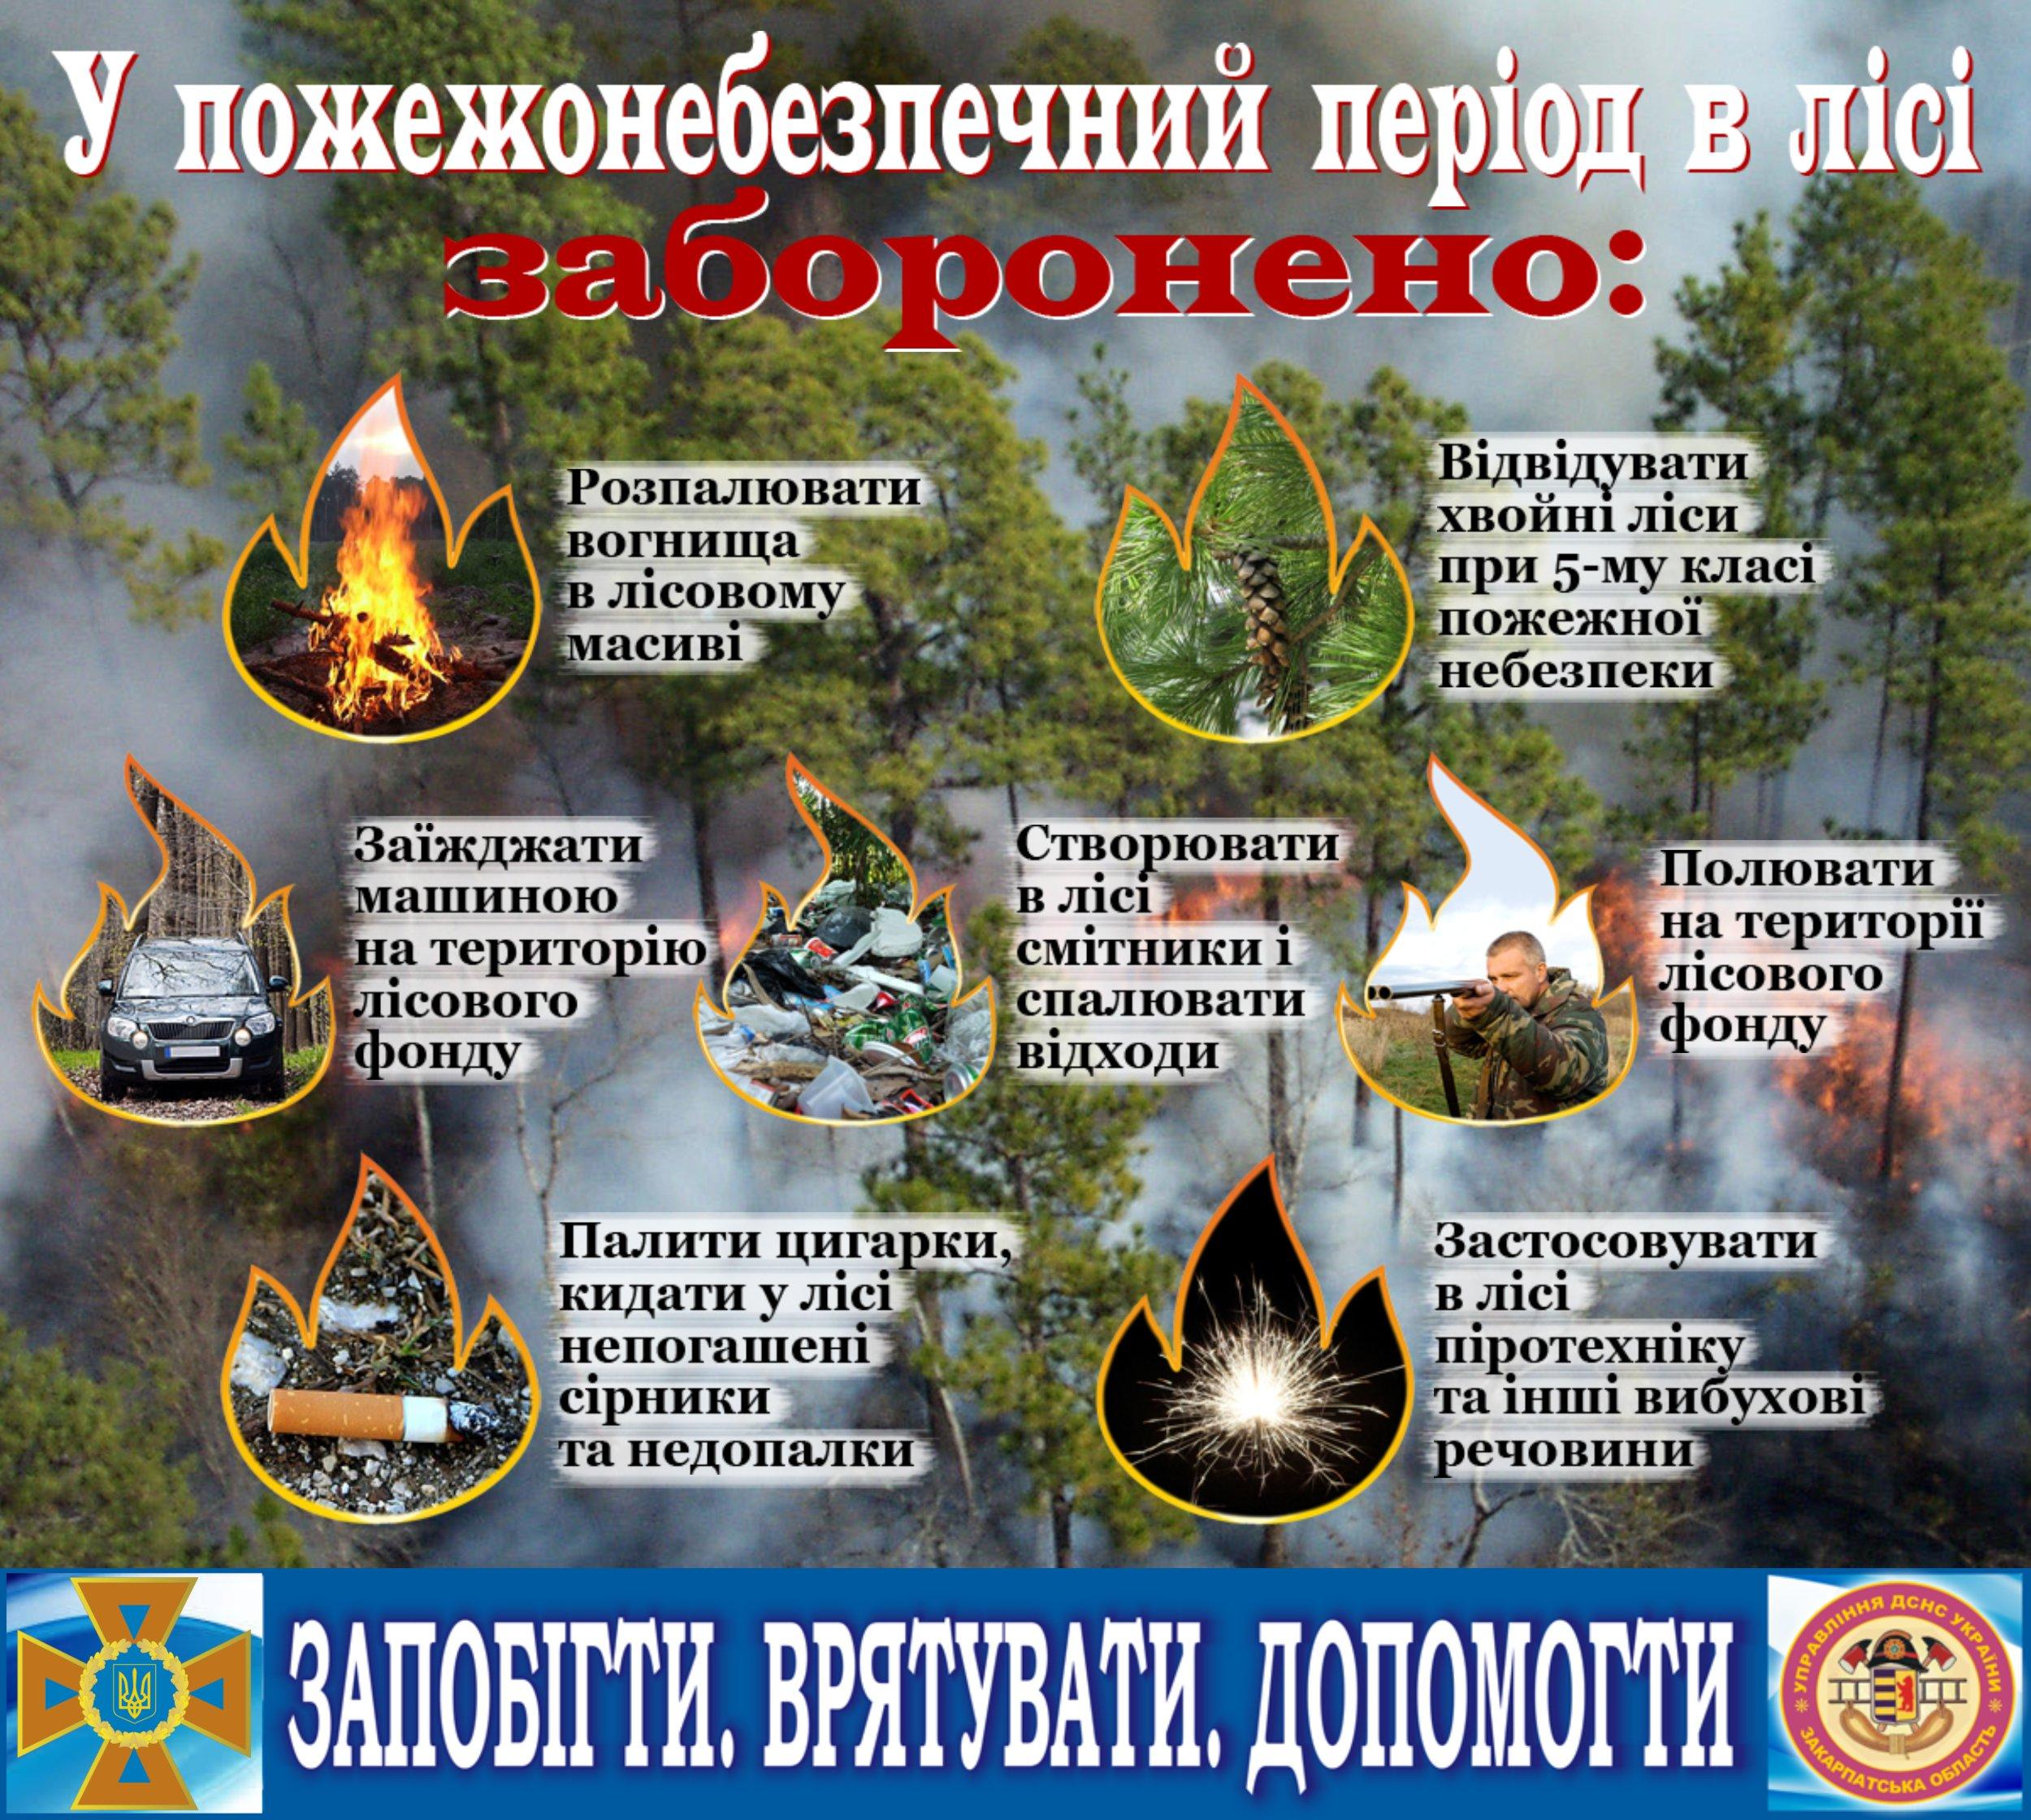 Відповідне повідомлення з'явилось на сайті Закарпатського обласного центру з гідрометеорології.